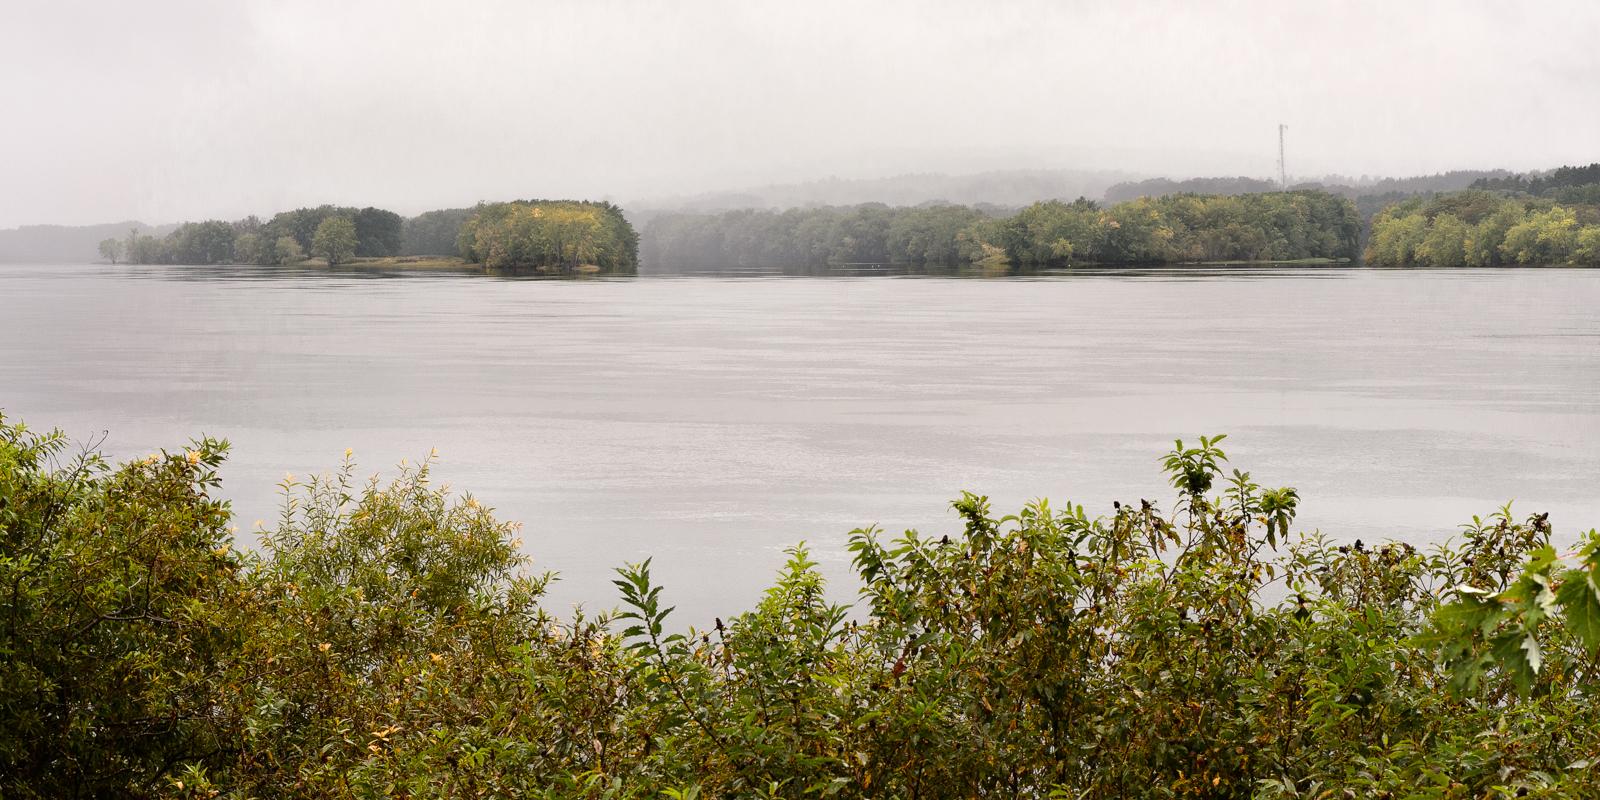 Aperçu de la vue le long du sentier pédestre le long du fleuve Saint-Jean